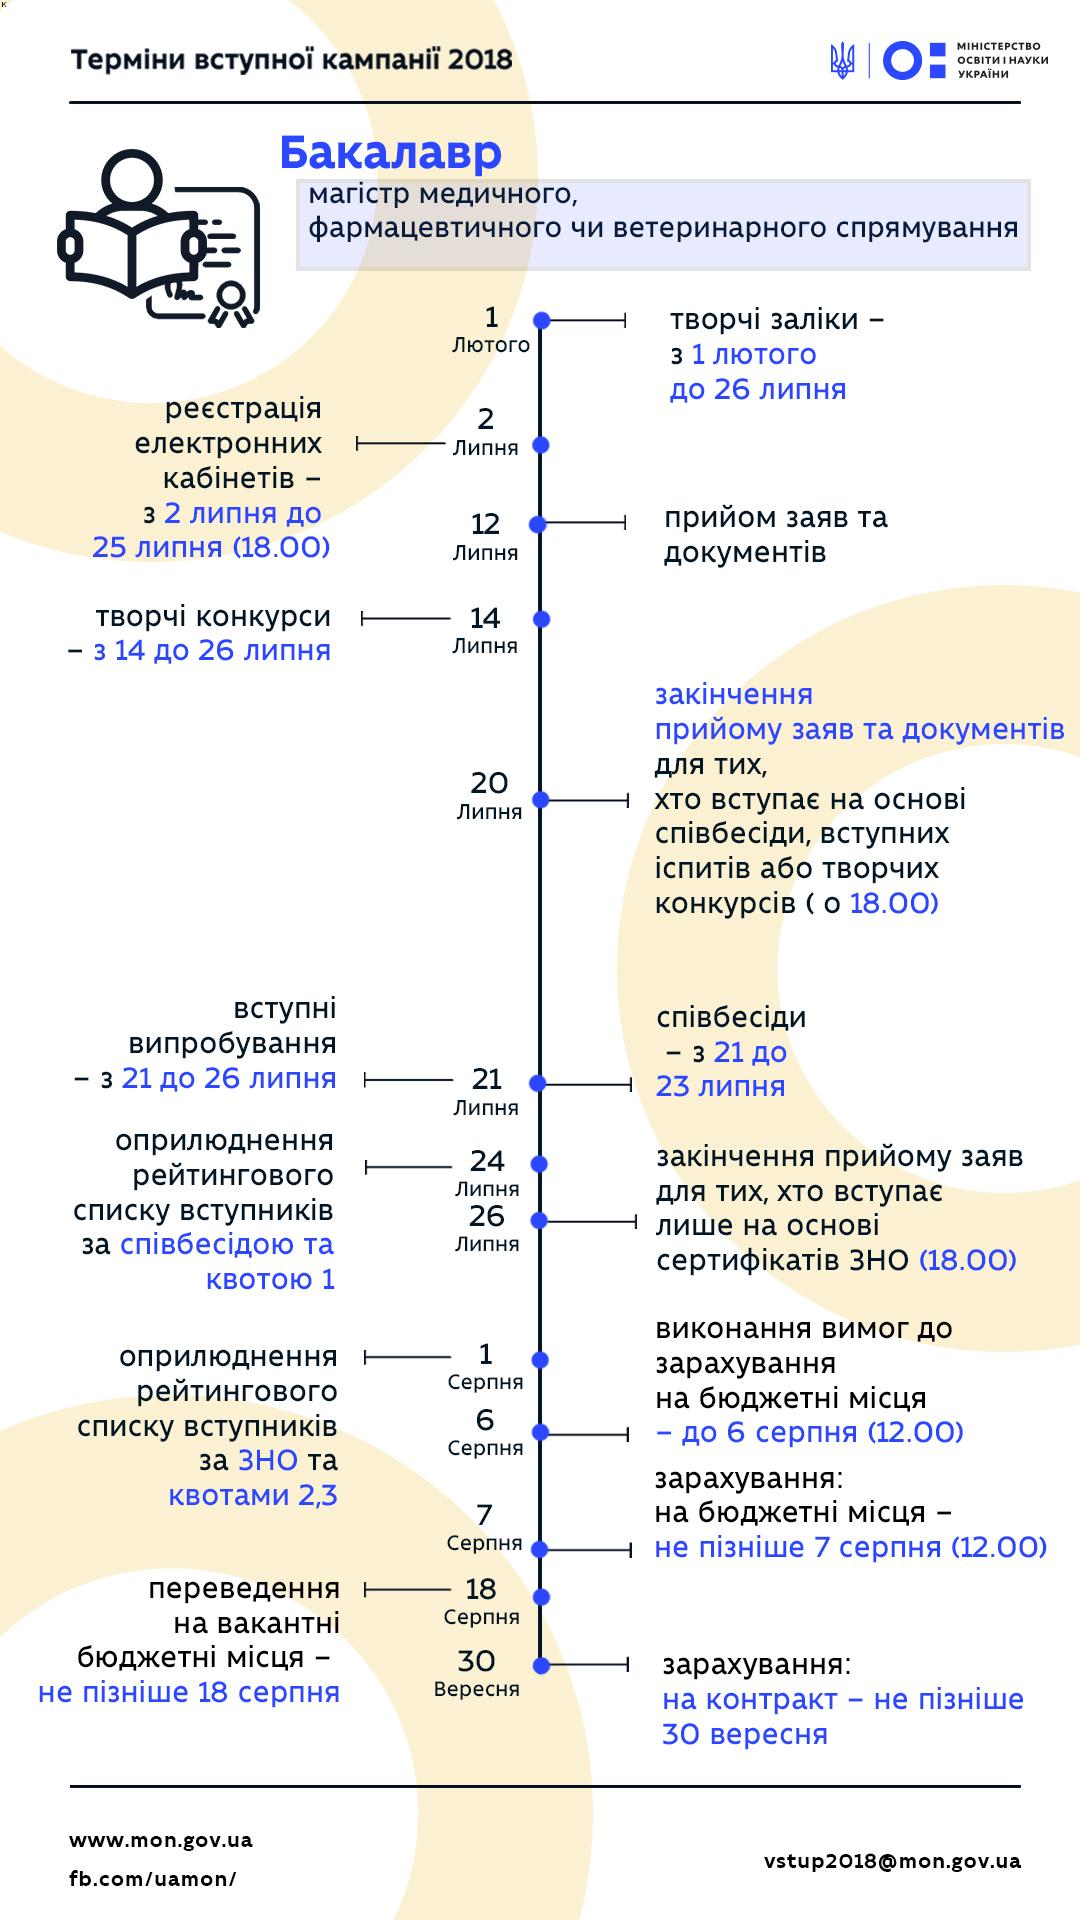 інфографіка МОН бакалавр